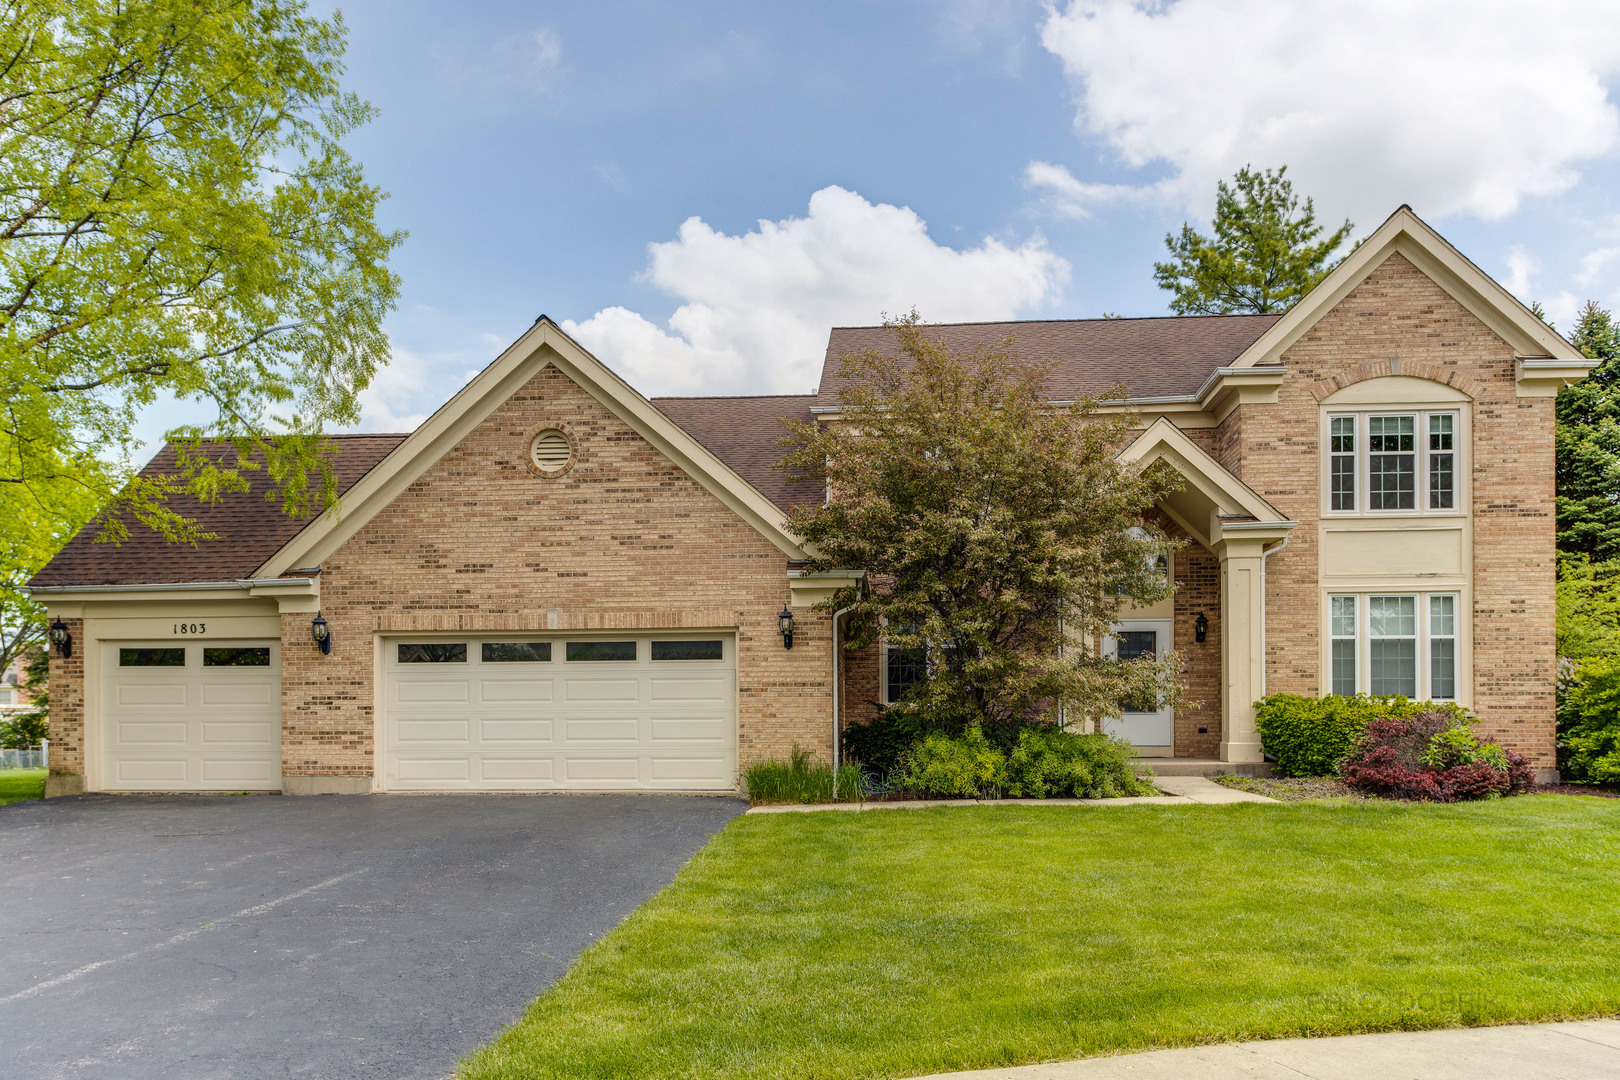 1803 Brandywyn Lane, Buffalo Grove IL 60089